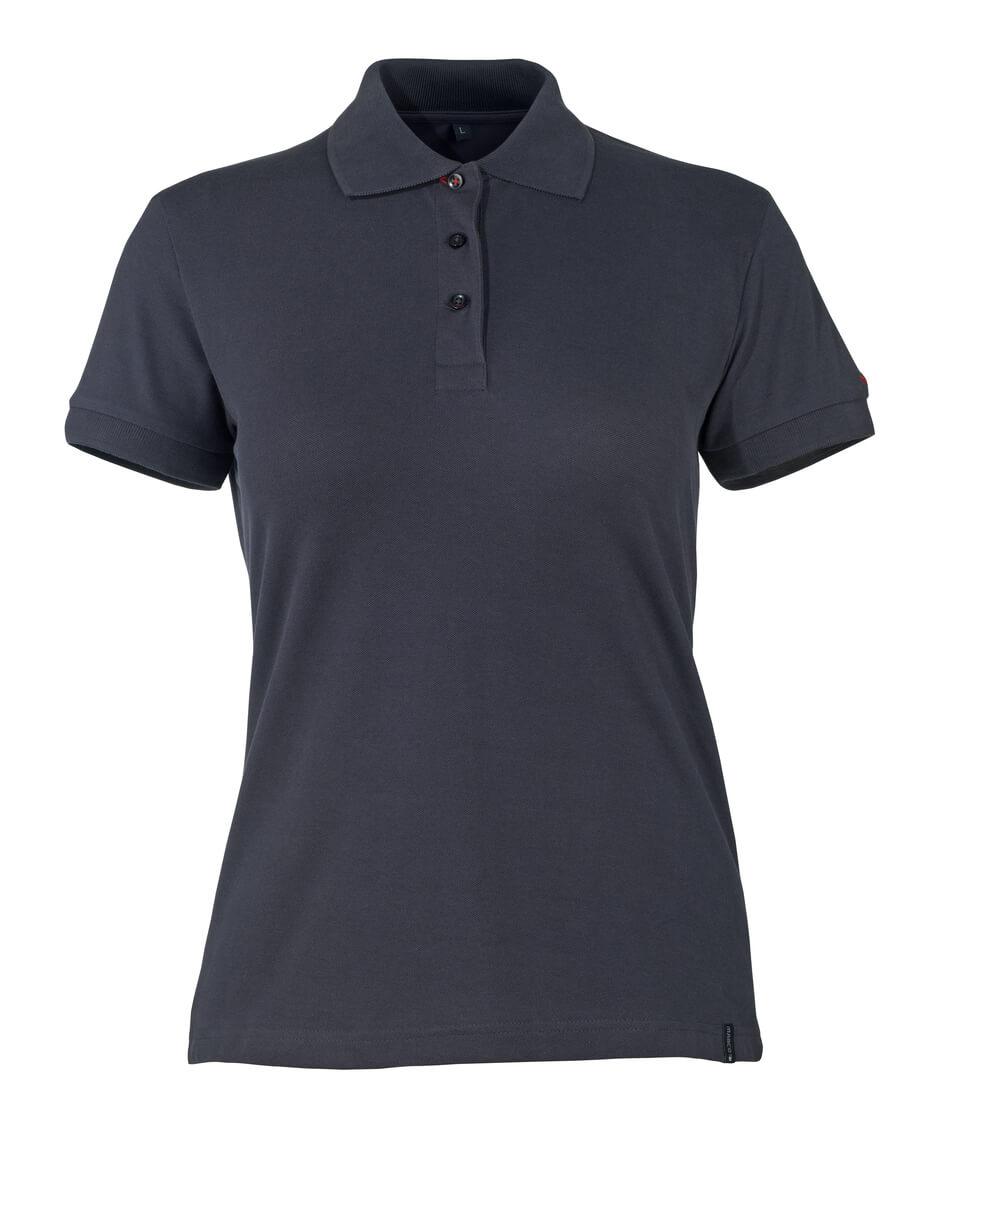 50363-861-010 Poloshirt - donkermarine